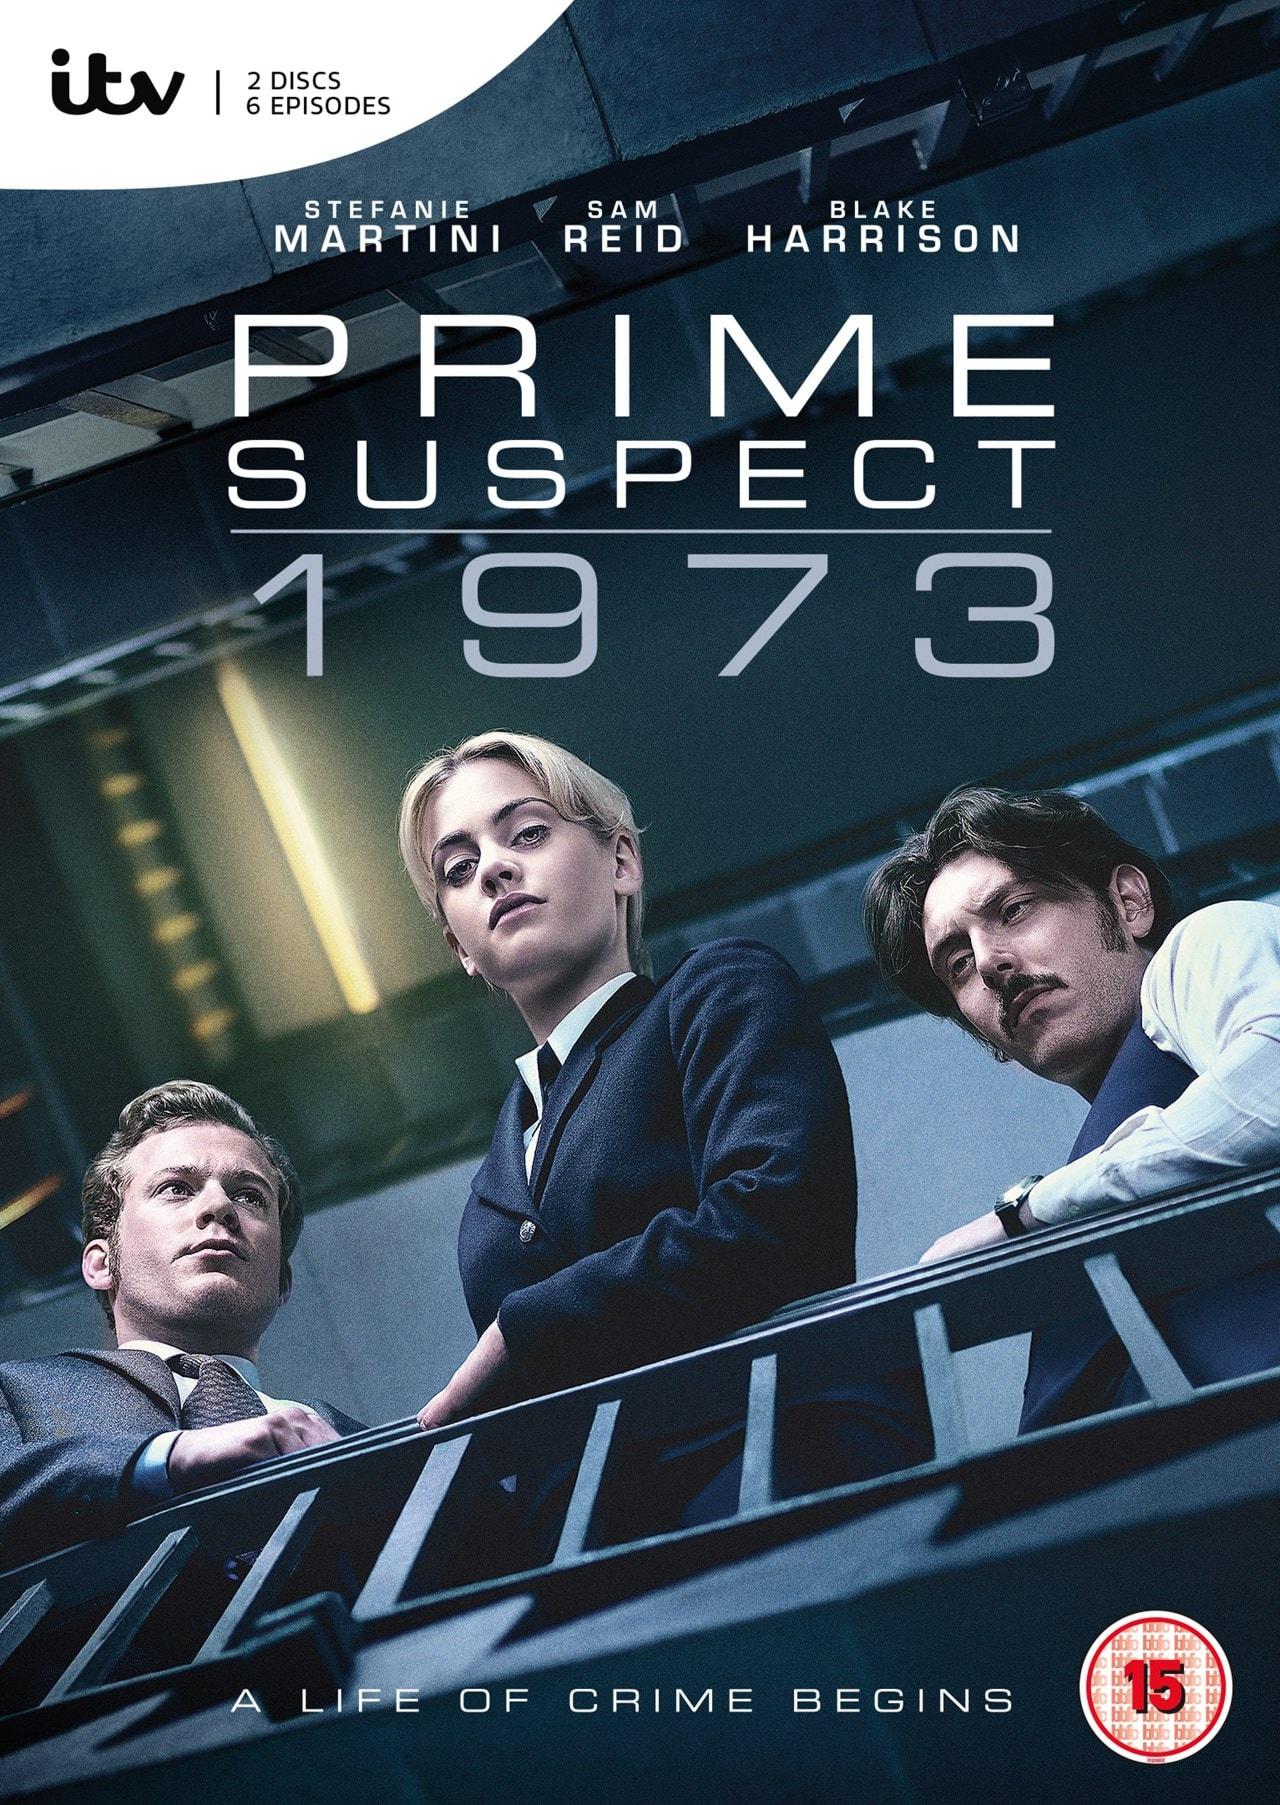 Prime Suspect 1973 - 1